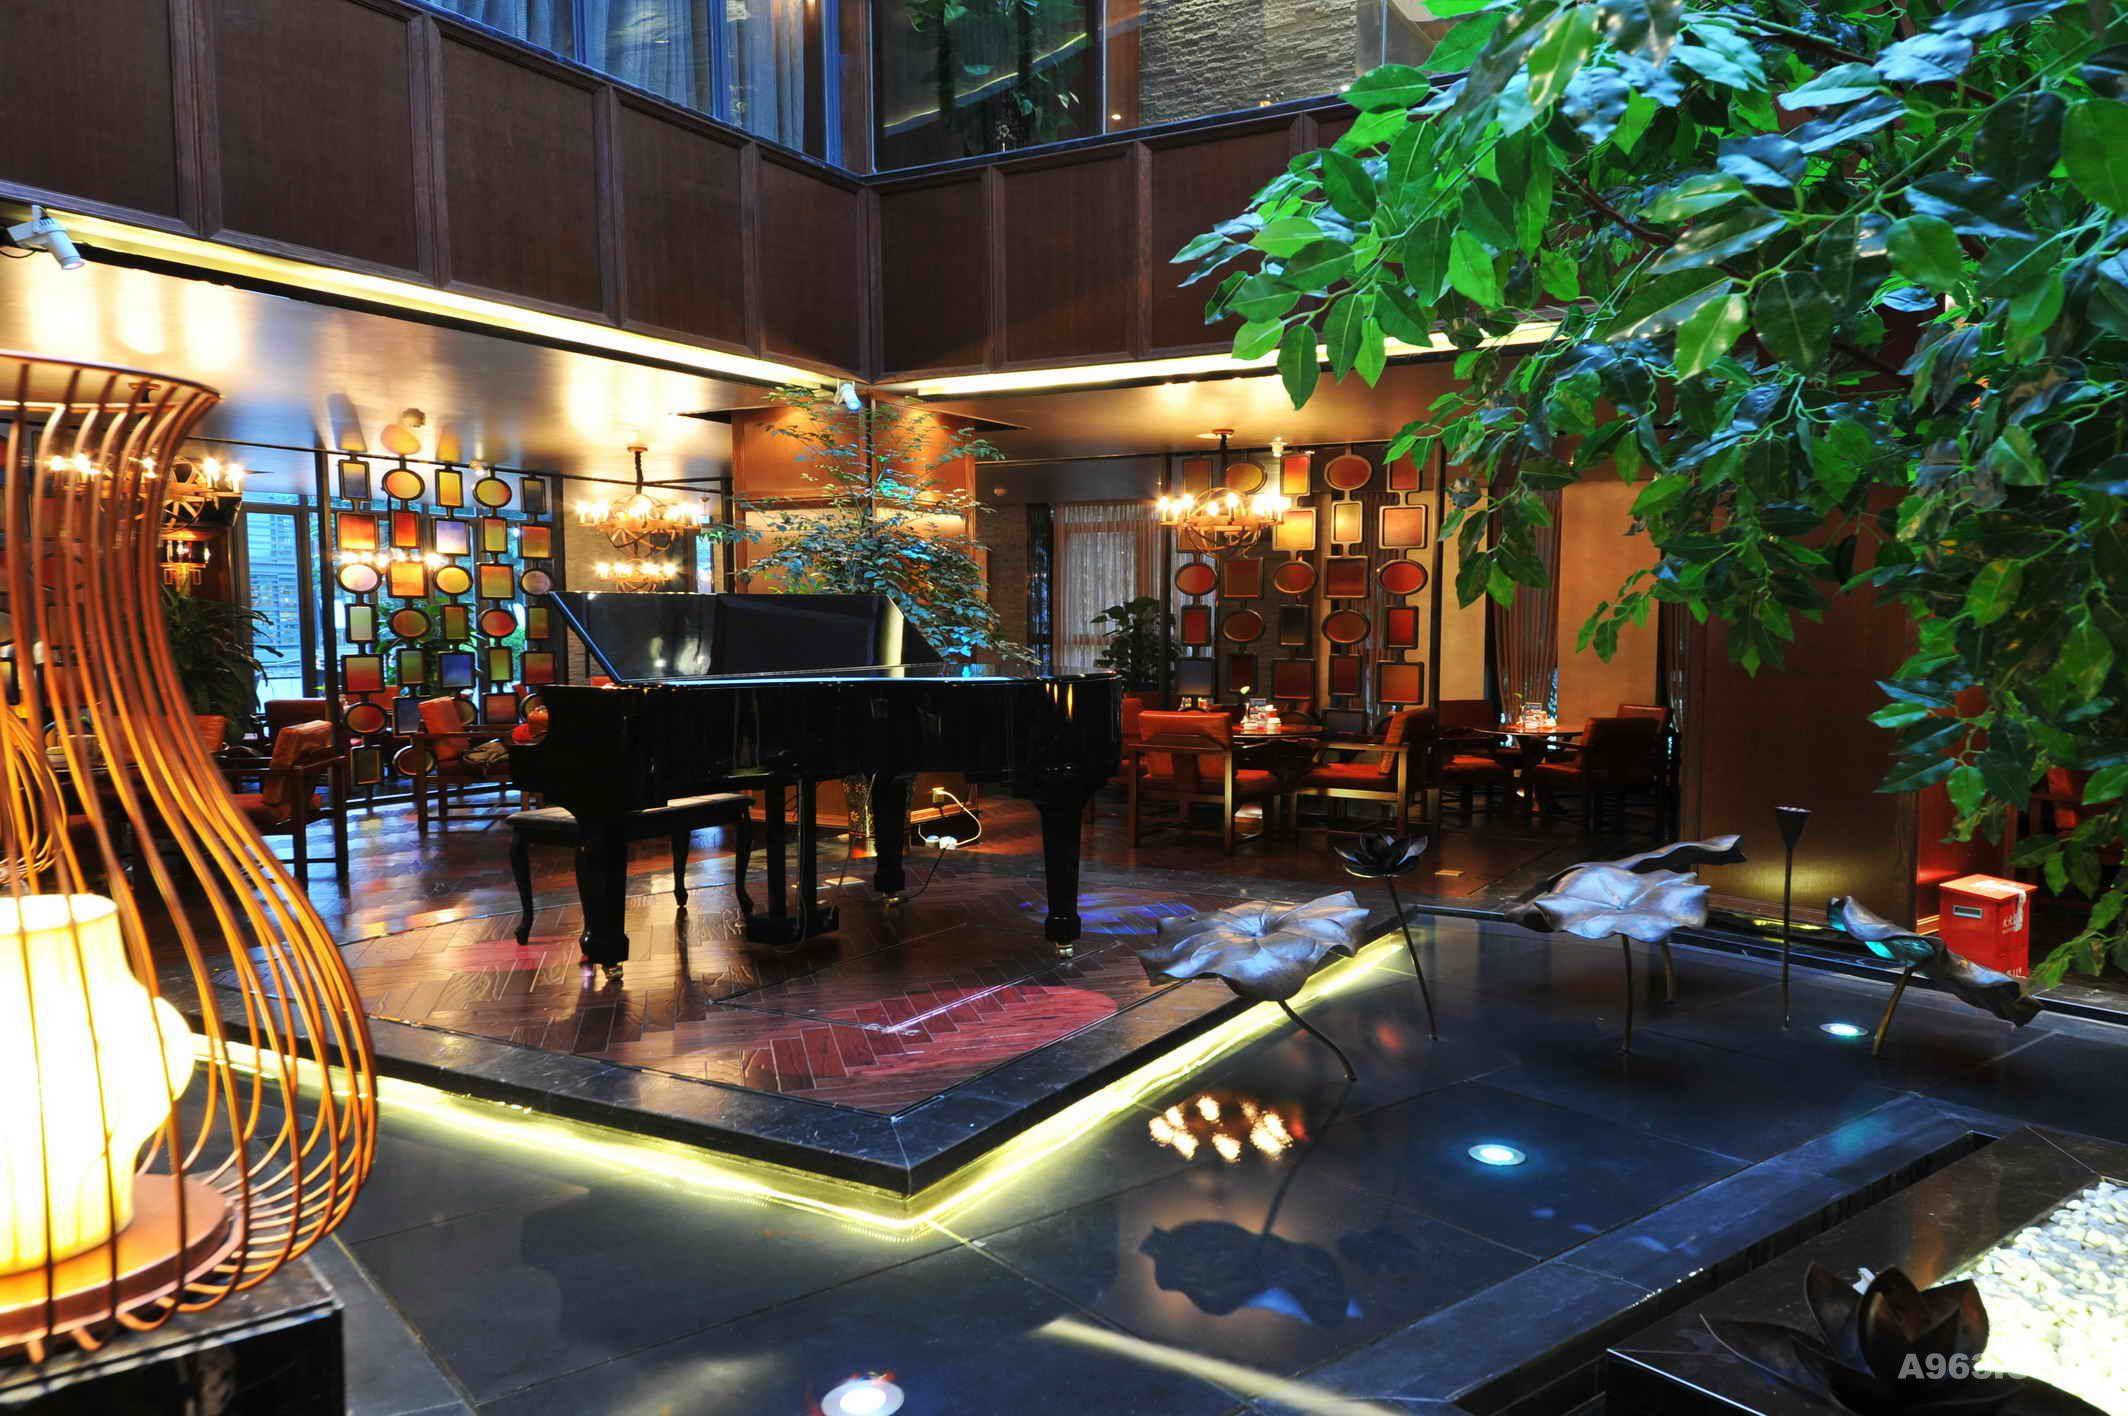 铁像寺水街-熙云轩中餐厅设计说明           铁像寺水街是四川.